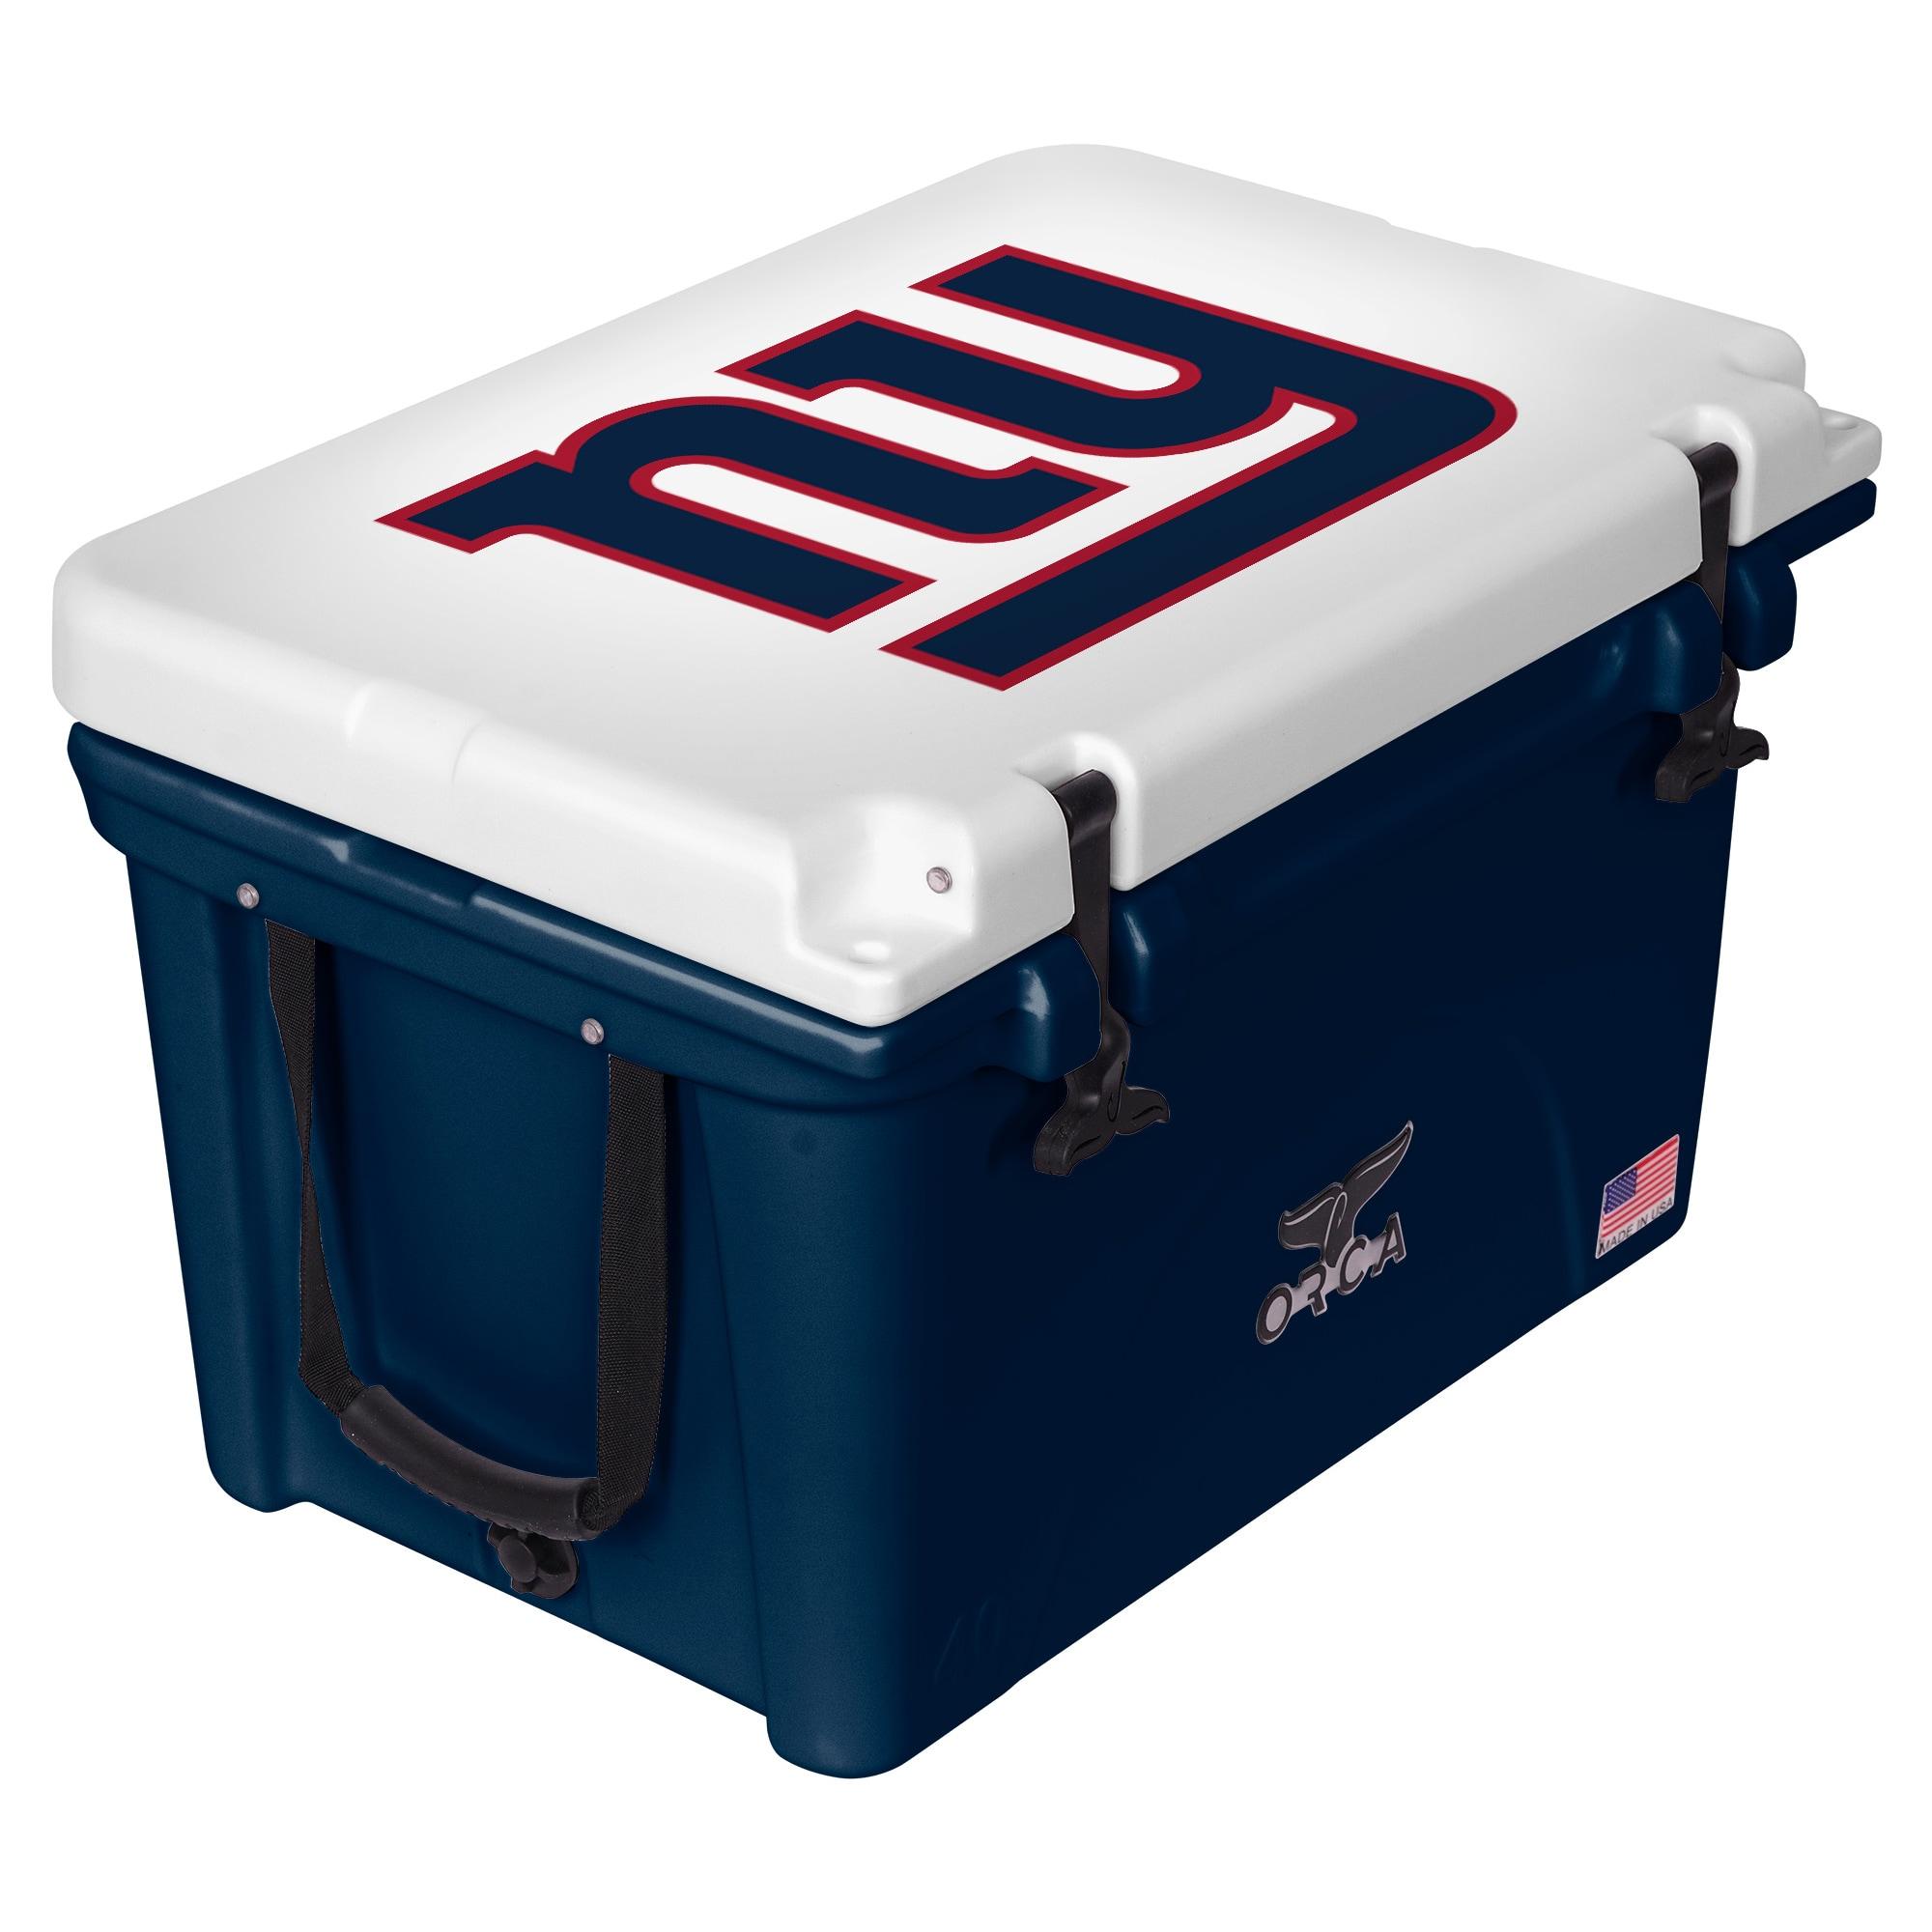 New York Giants ORCA 40-Quart Hard-Sided Cooler - Blue/White